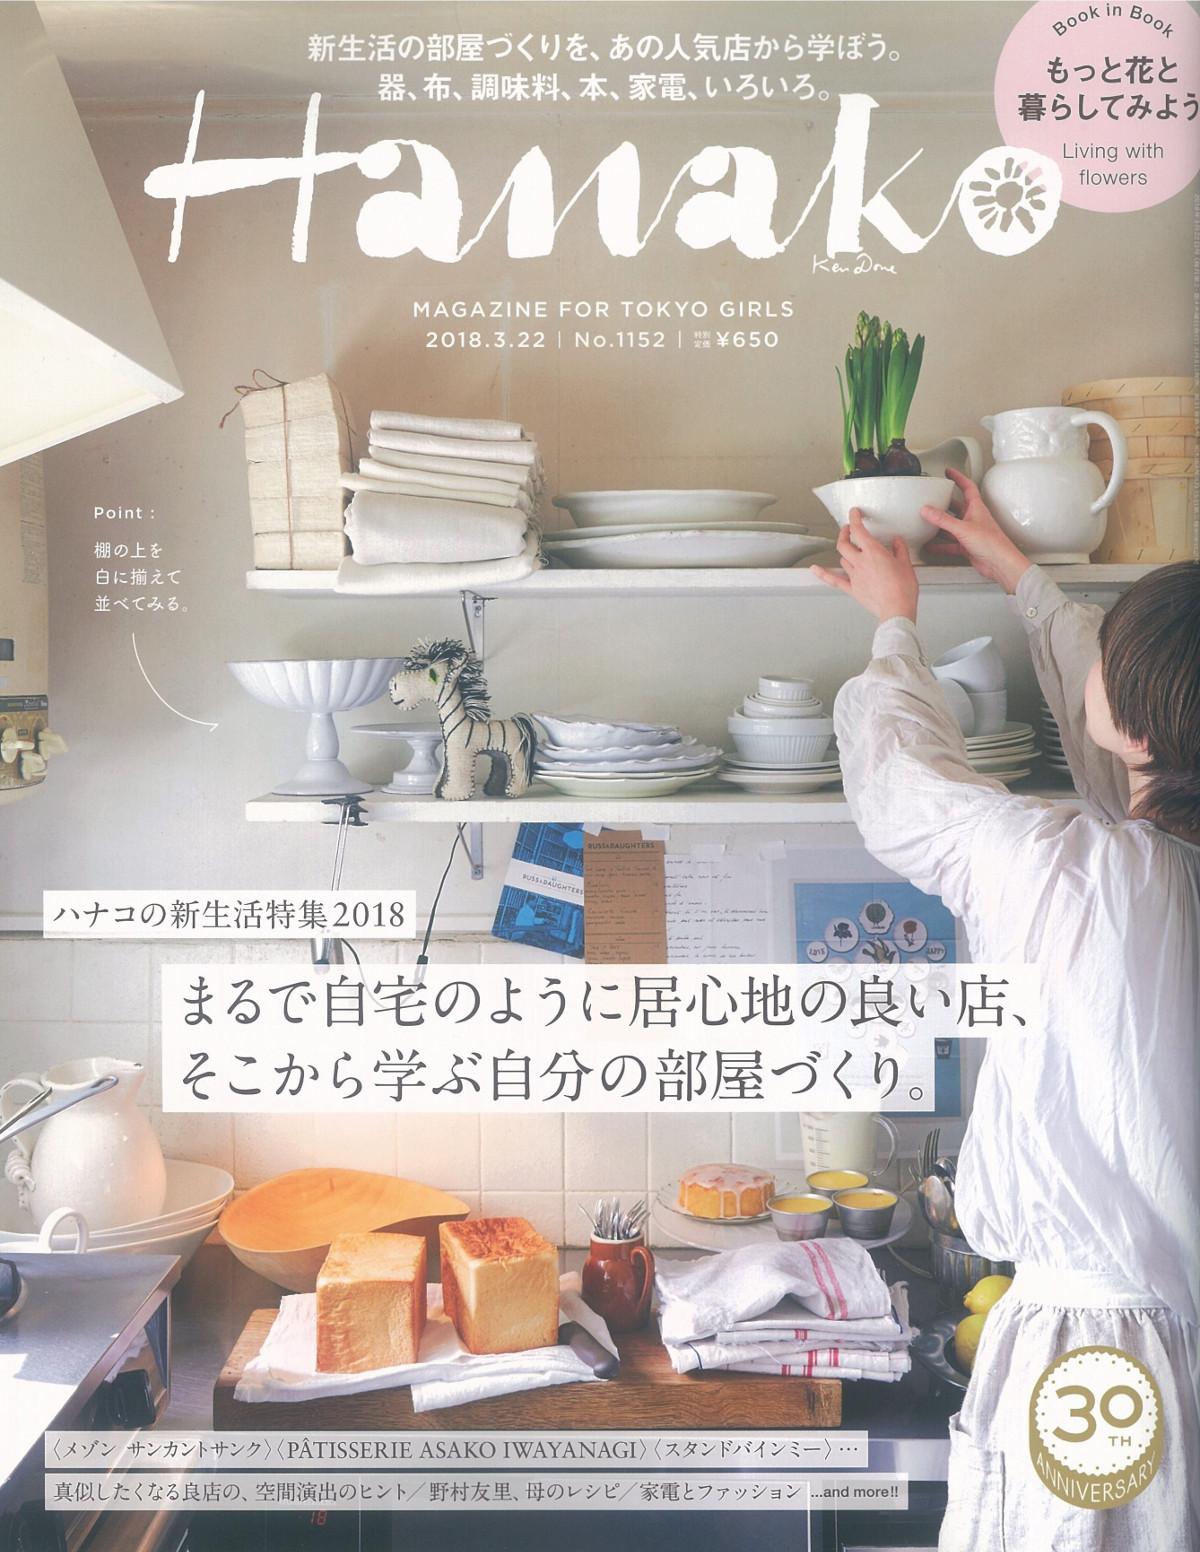 【メディア掲載】Hanako インテリア特集号に掲載されました!